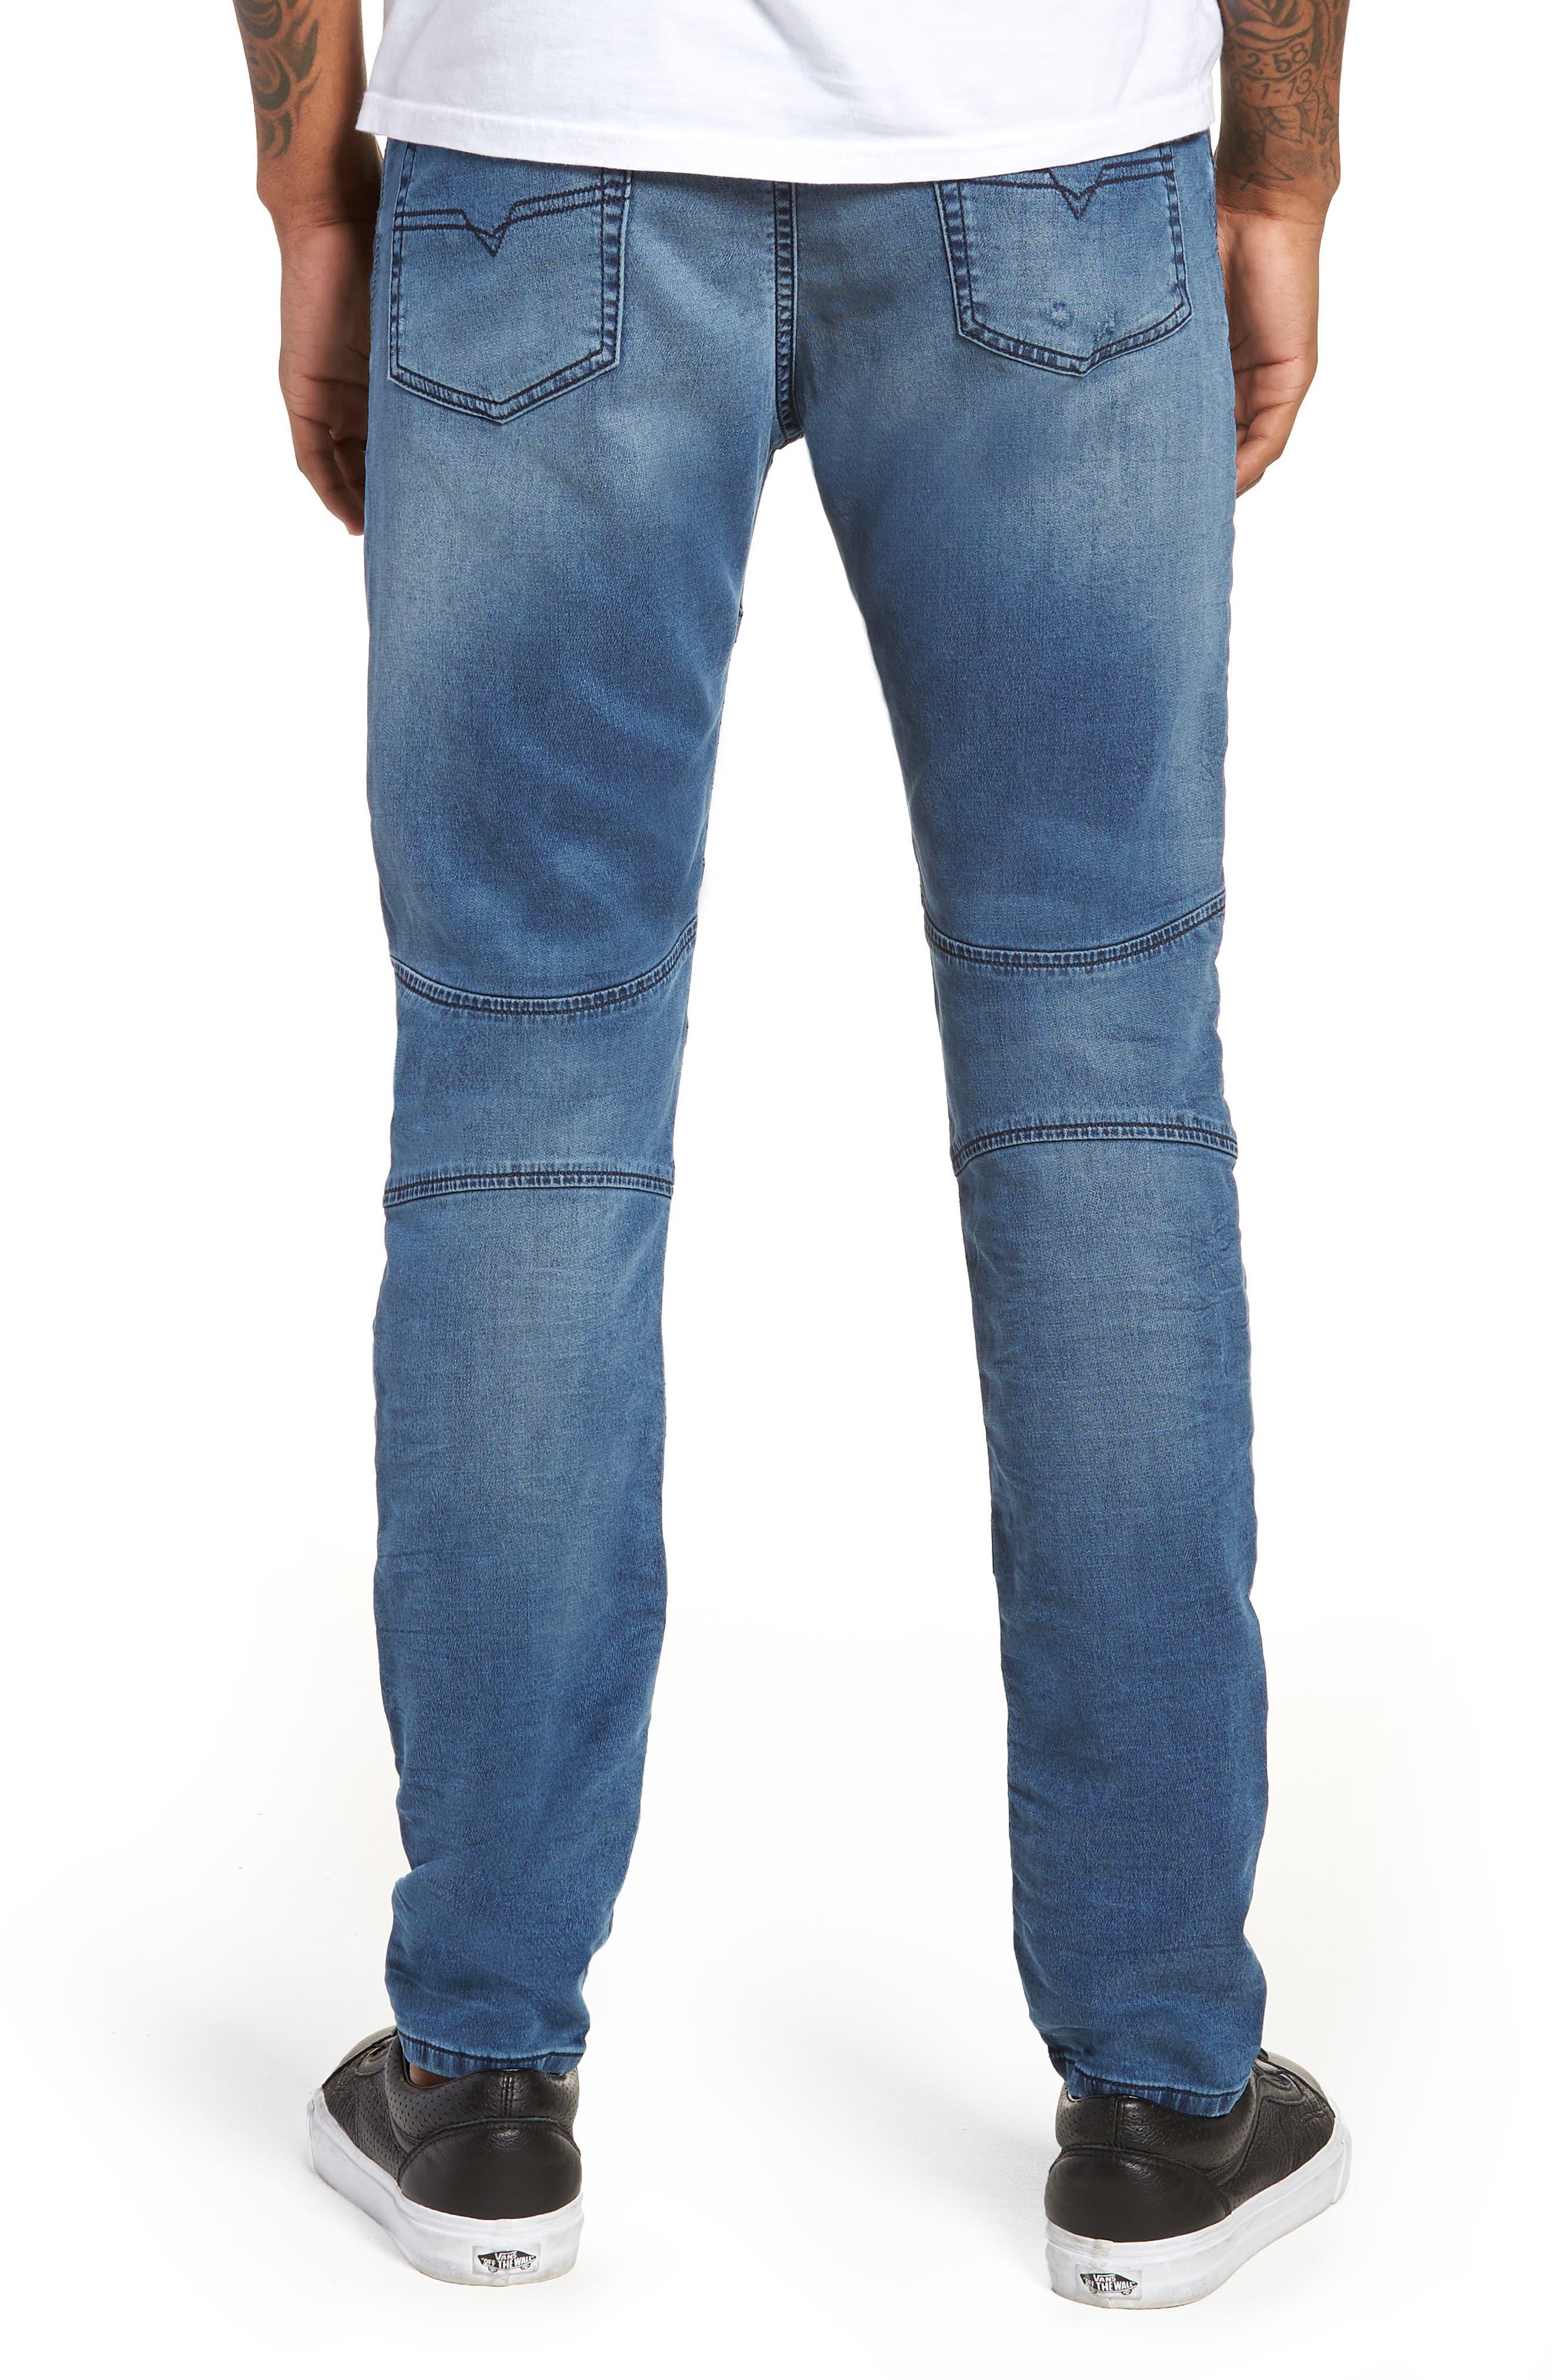 Bakari Skinny Fit Jeans,                             Alternate thumbnail 2, color,                             0688Y